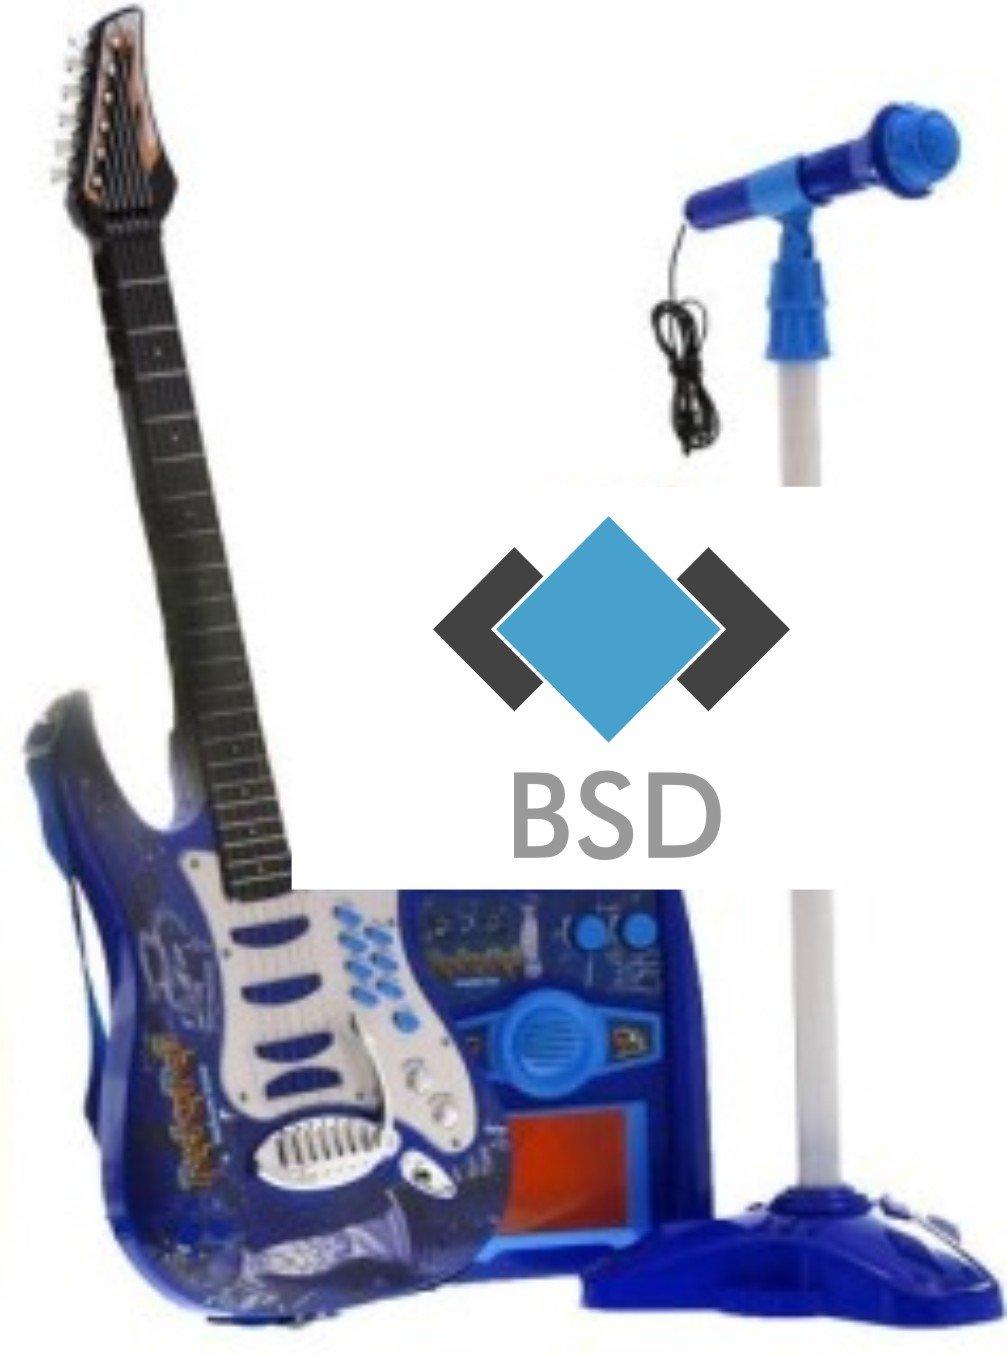 Rock-Gitarre mit Stahlsaiten, Verstärker, verstellbare Stativ und Mikrofon - Rockgitarre für Kinder - Kinder-Gitarre - Rock Guitar - Spielzeug-Gitarre - Gitarre mit Spielfunktionen - Kleinkind Musikinstrument - erste Gitarre für Kleinkind -